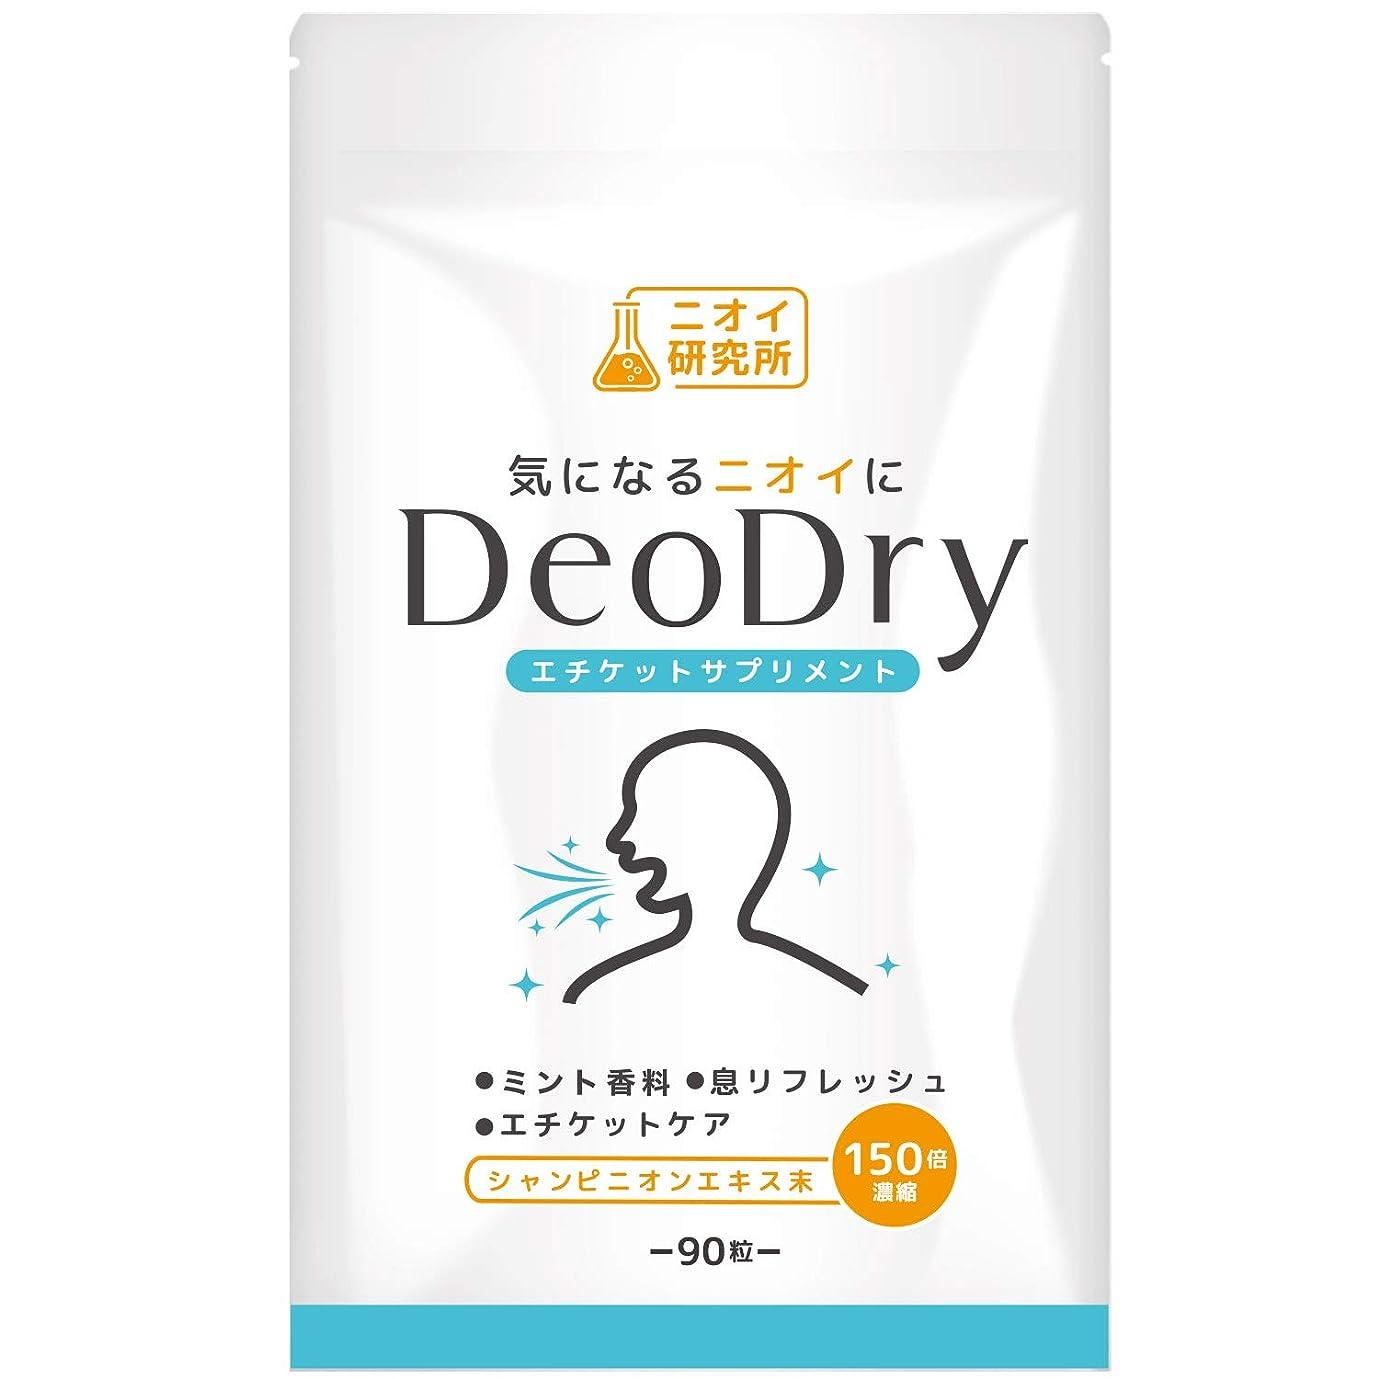 くるくるほぼツインニオイ研究所 DeoDry シャンピニオン デオアタック 緑茶ポリフェノール 90粒 30日分